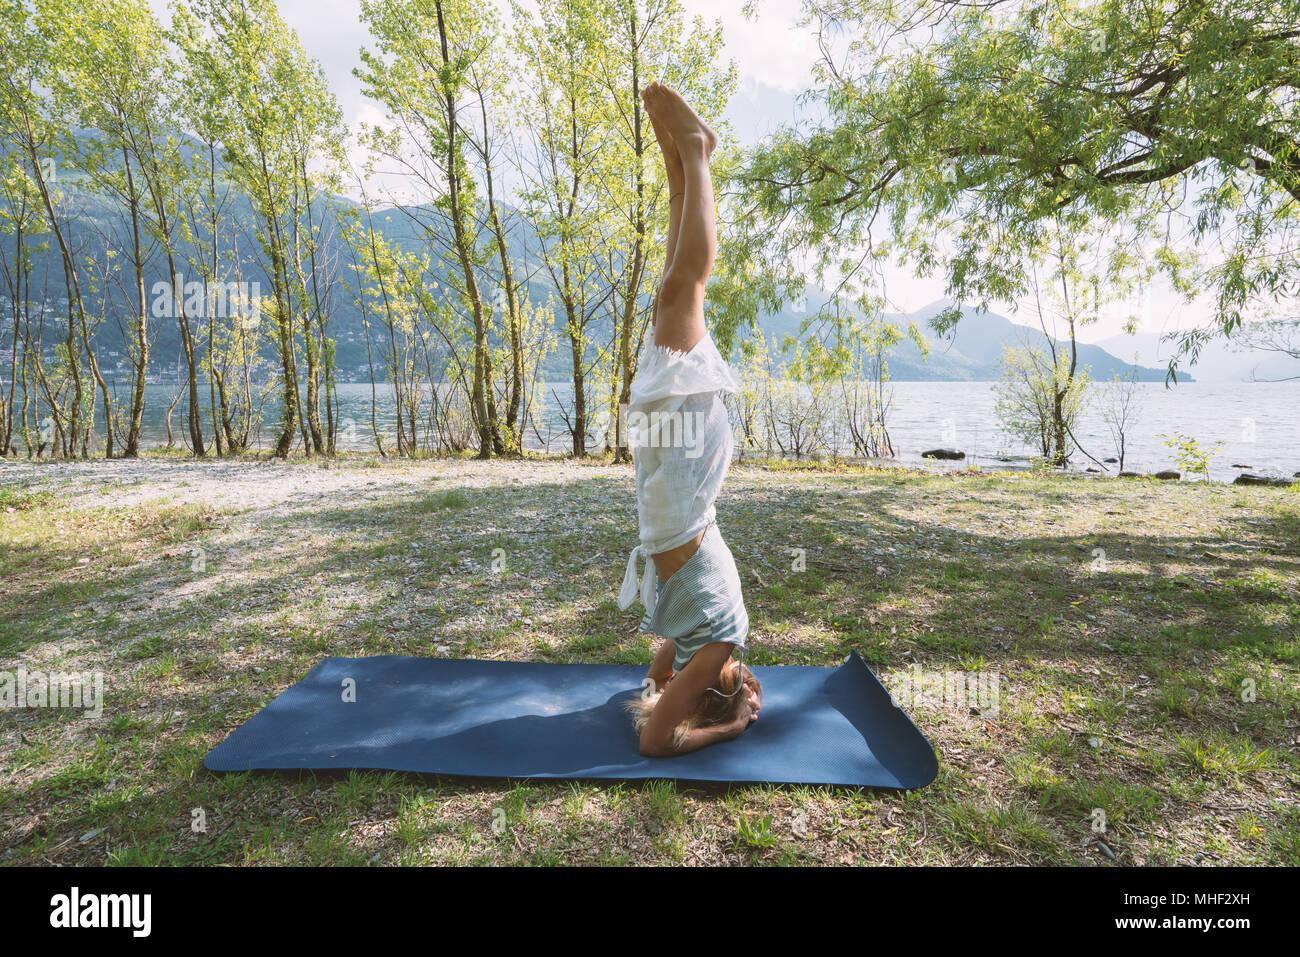 Junge Frau trainieren Yoga durch den See und die Berge, im Kanton Tessin, Schweiz, Europa erschossen. Menschen Entspannung Wohlbefinden Konzept Stockfoto